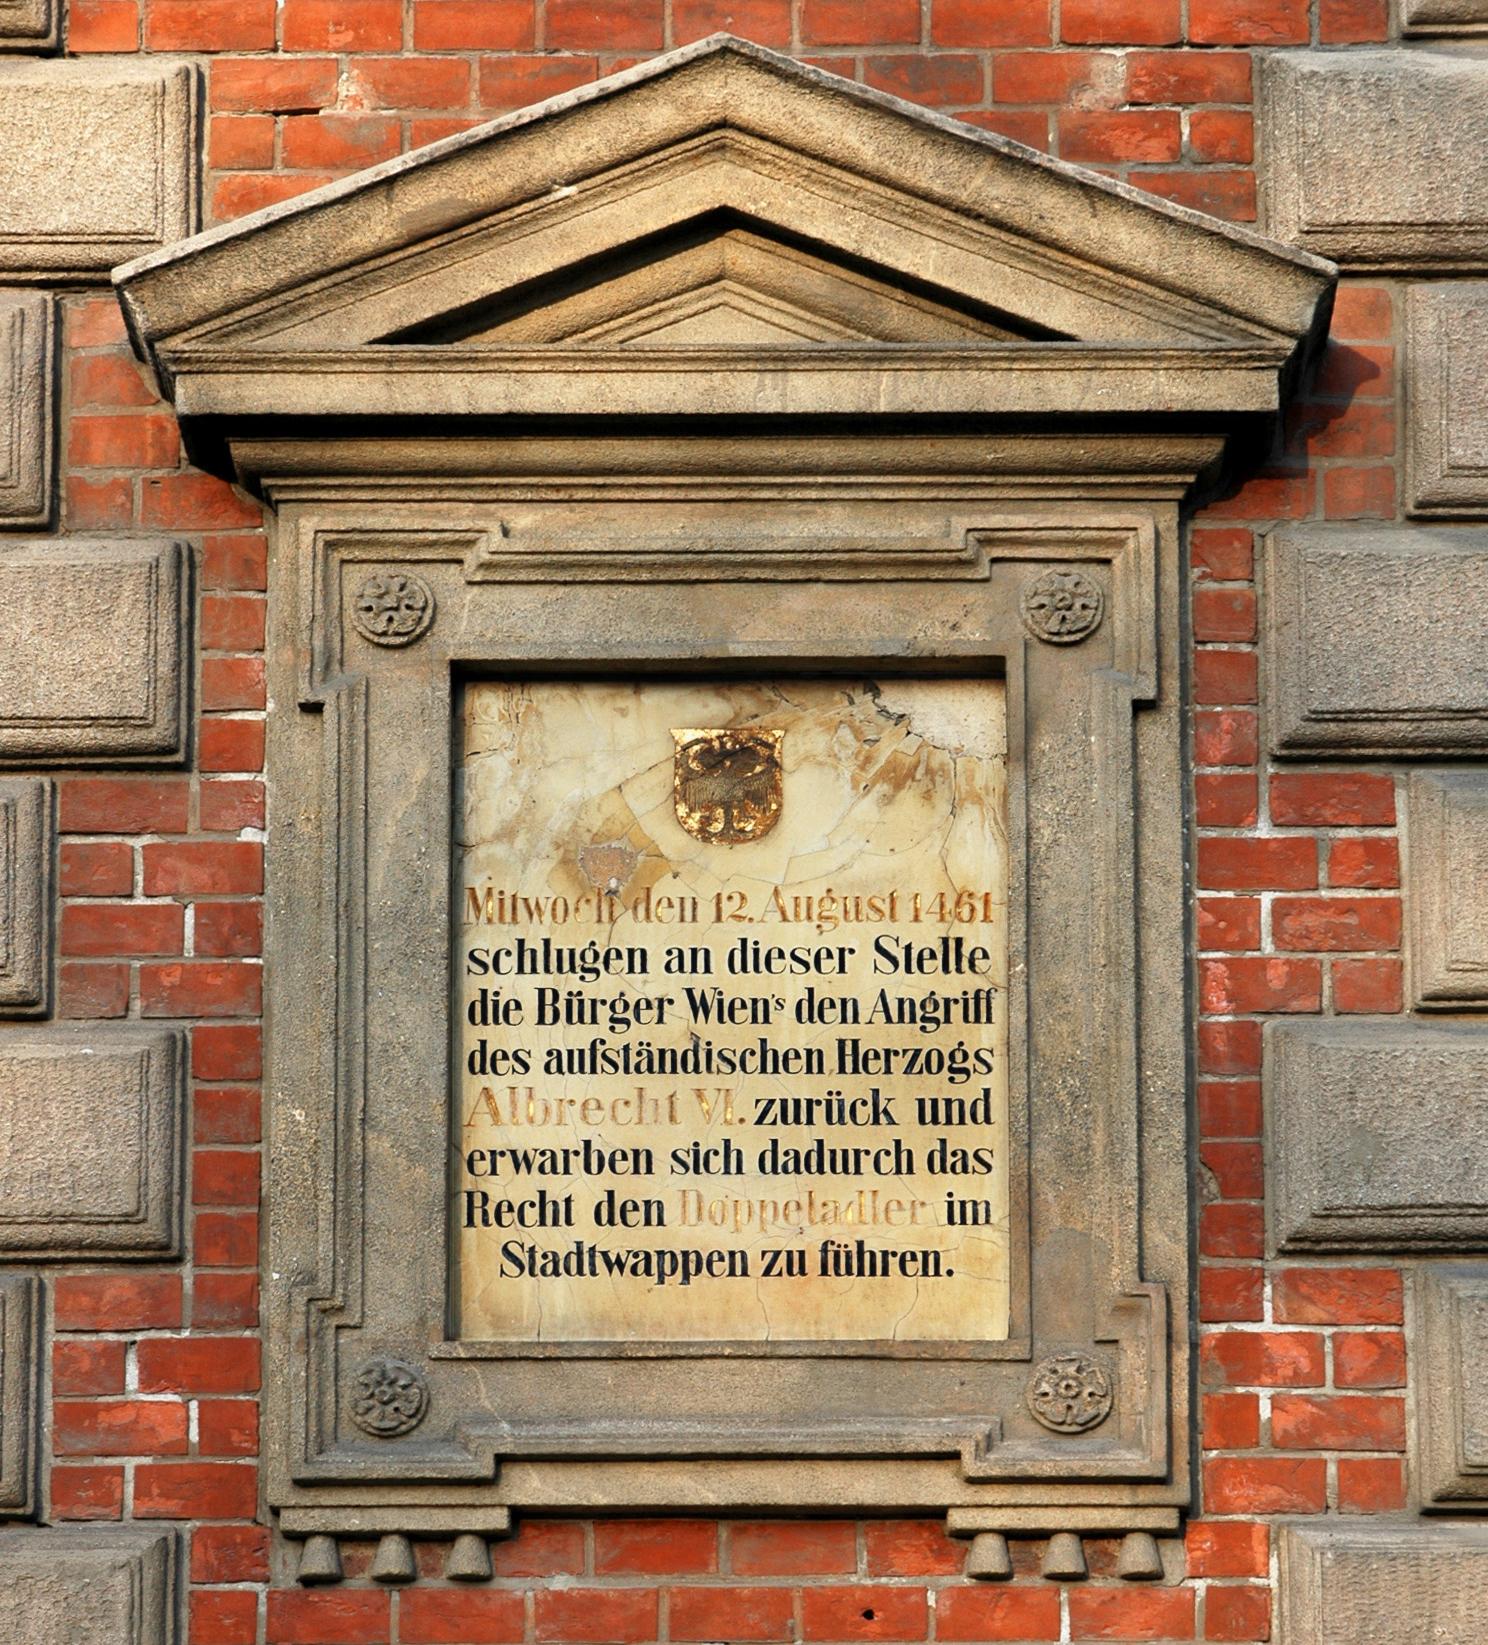 Gedenktafel 12.8.1461 Wiesingerstrasse.jpg